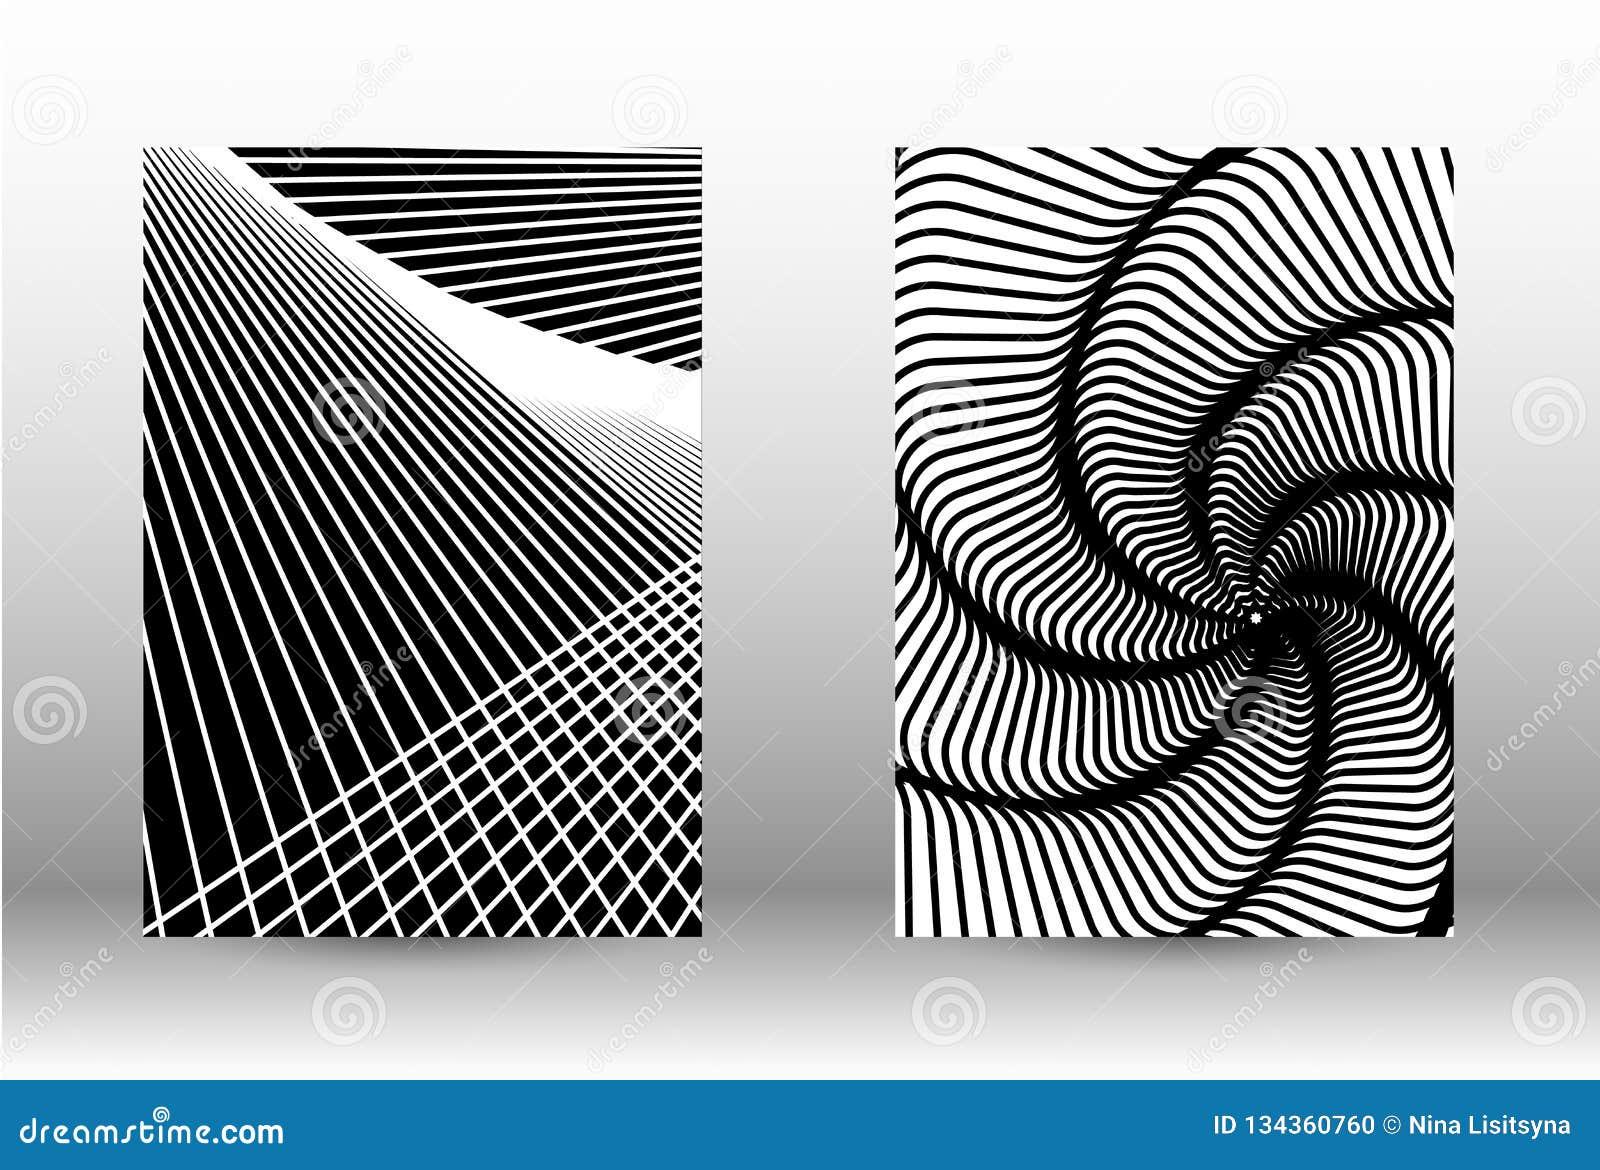 Комплект абстрактных картин с передернутыми линиями